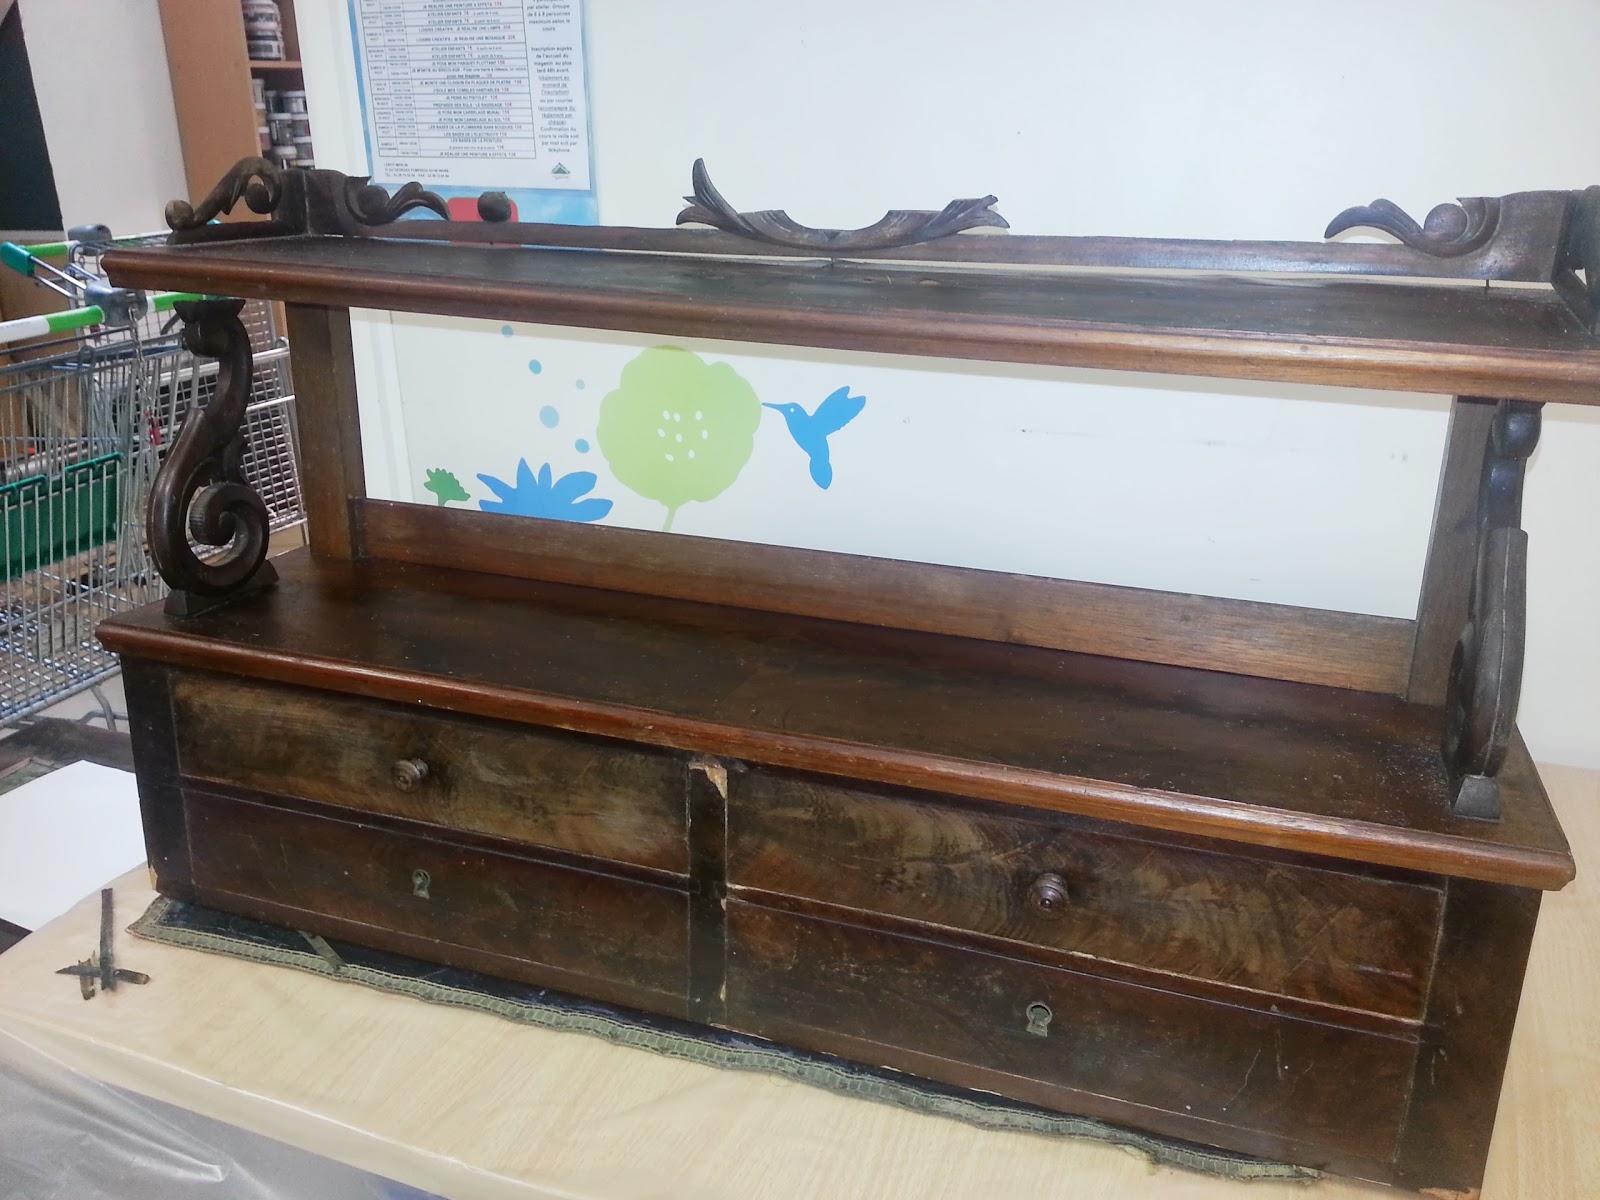 Meuble ancien r novation en cours cours de bricolage - Renovation de meubles anciens ...